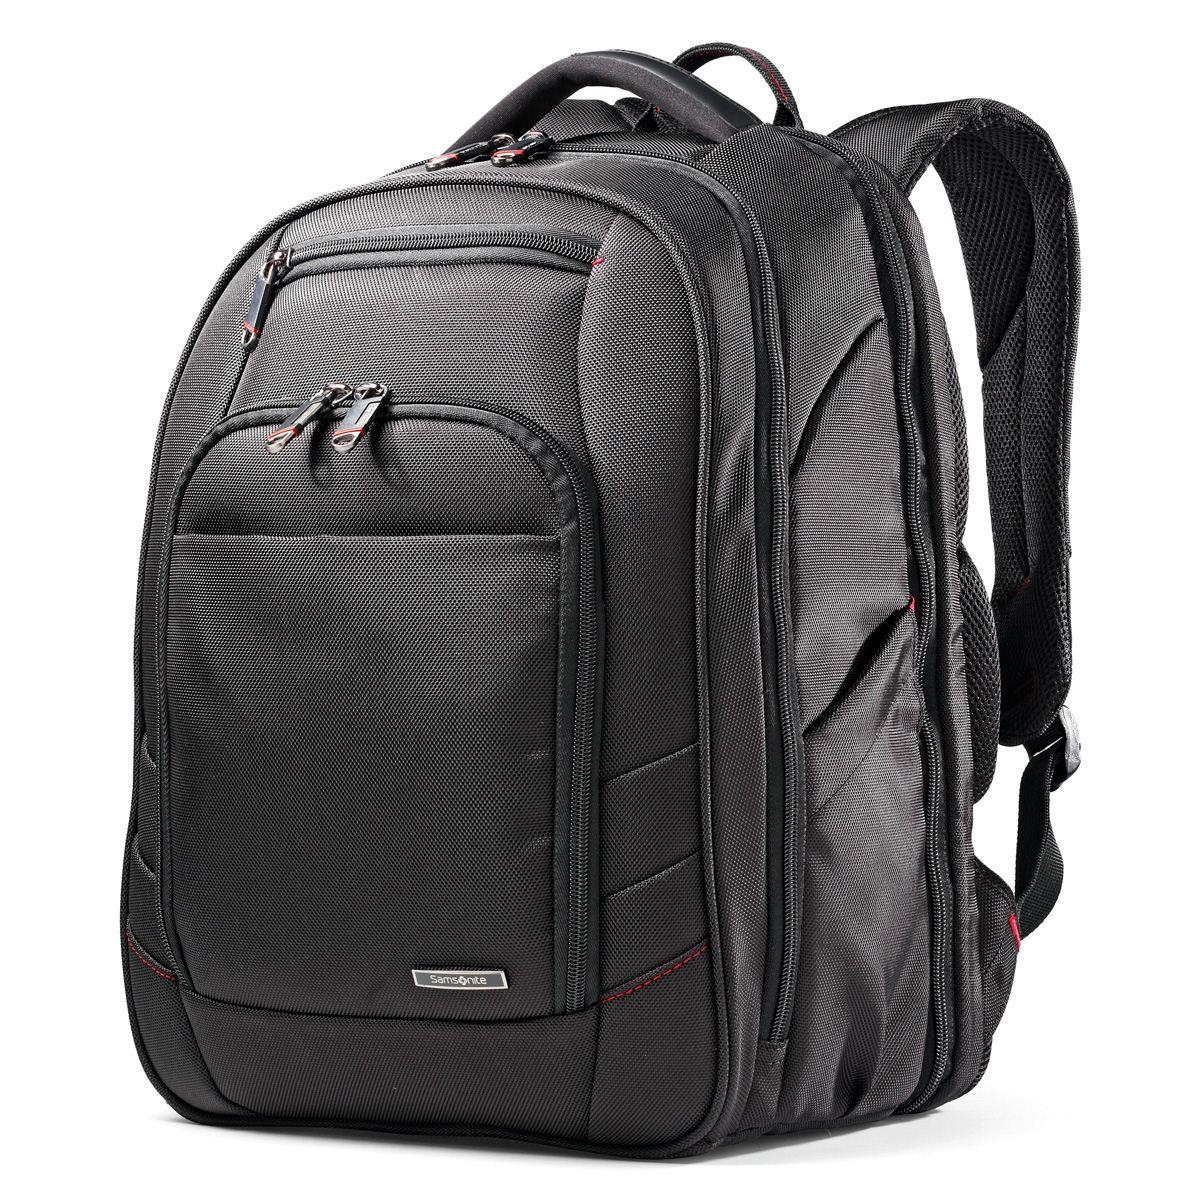 59607badaeef5 Mochila para laptop 15.6